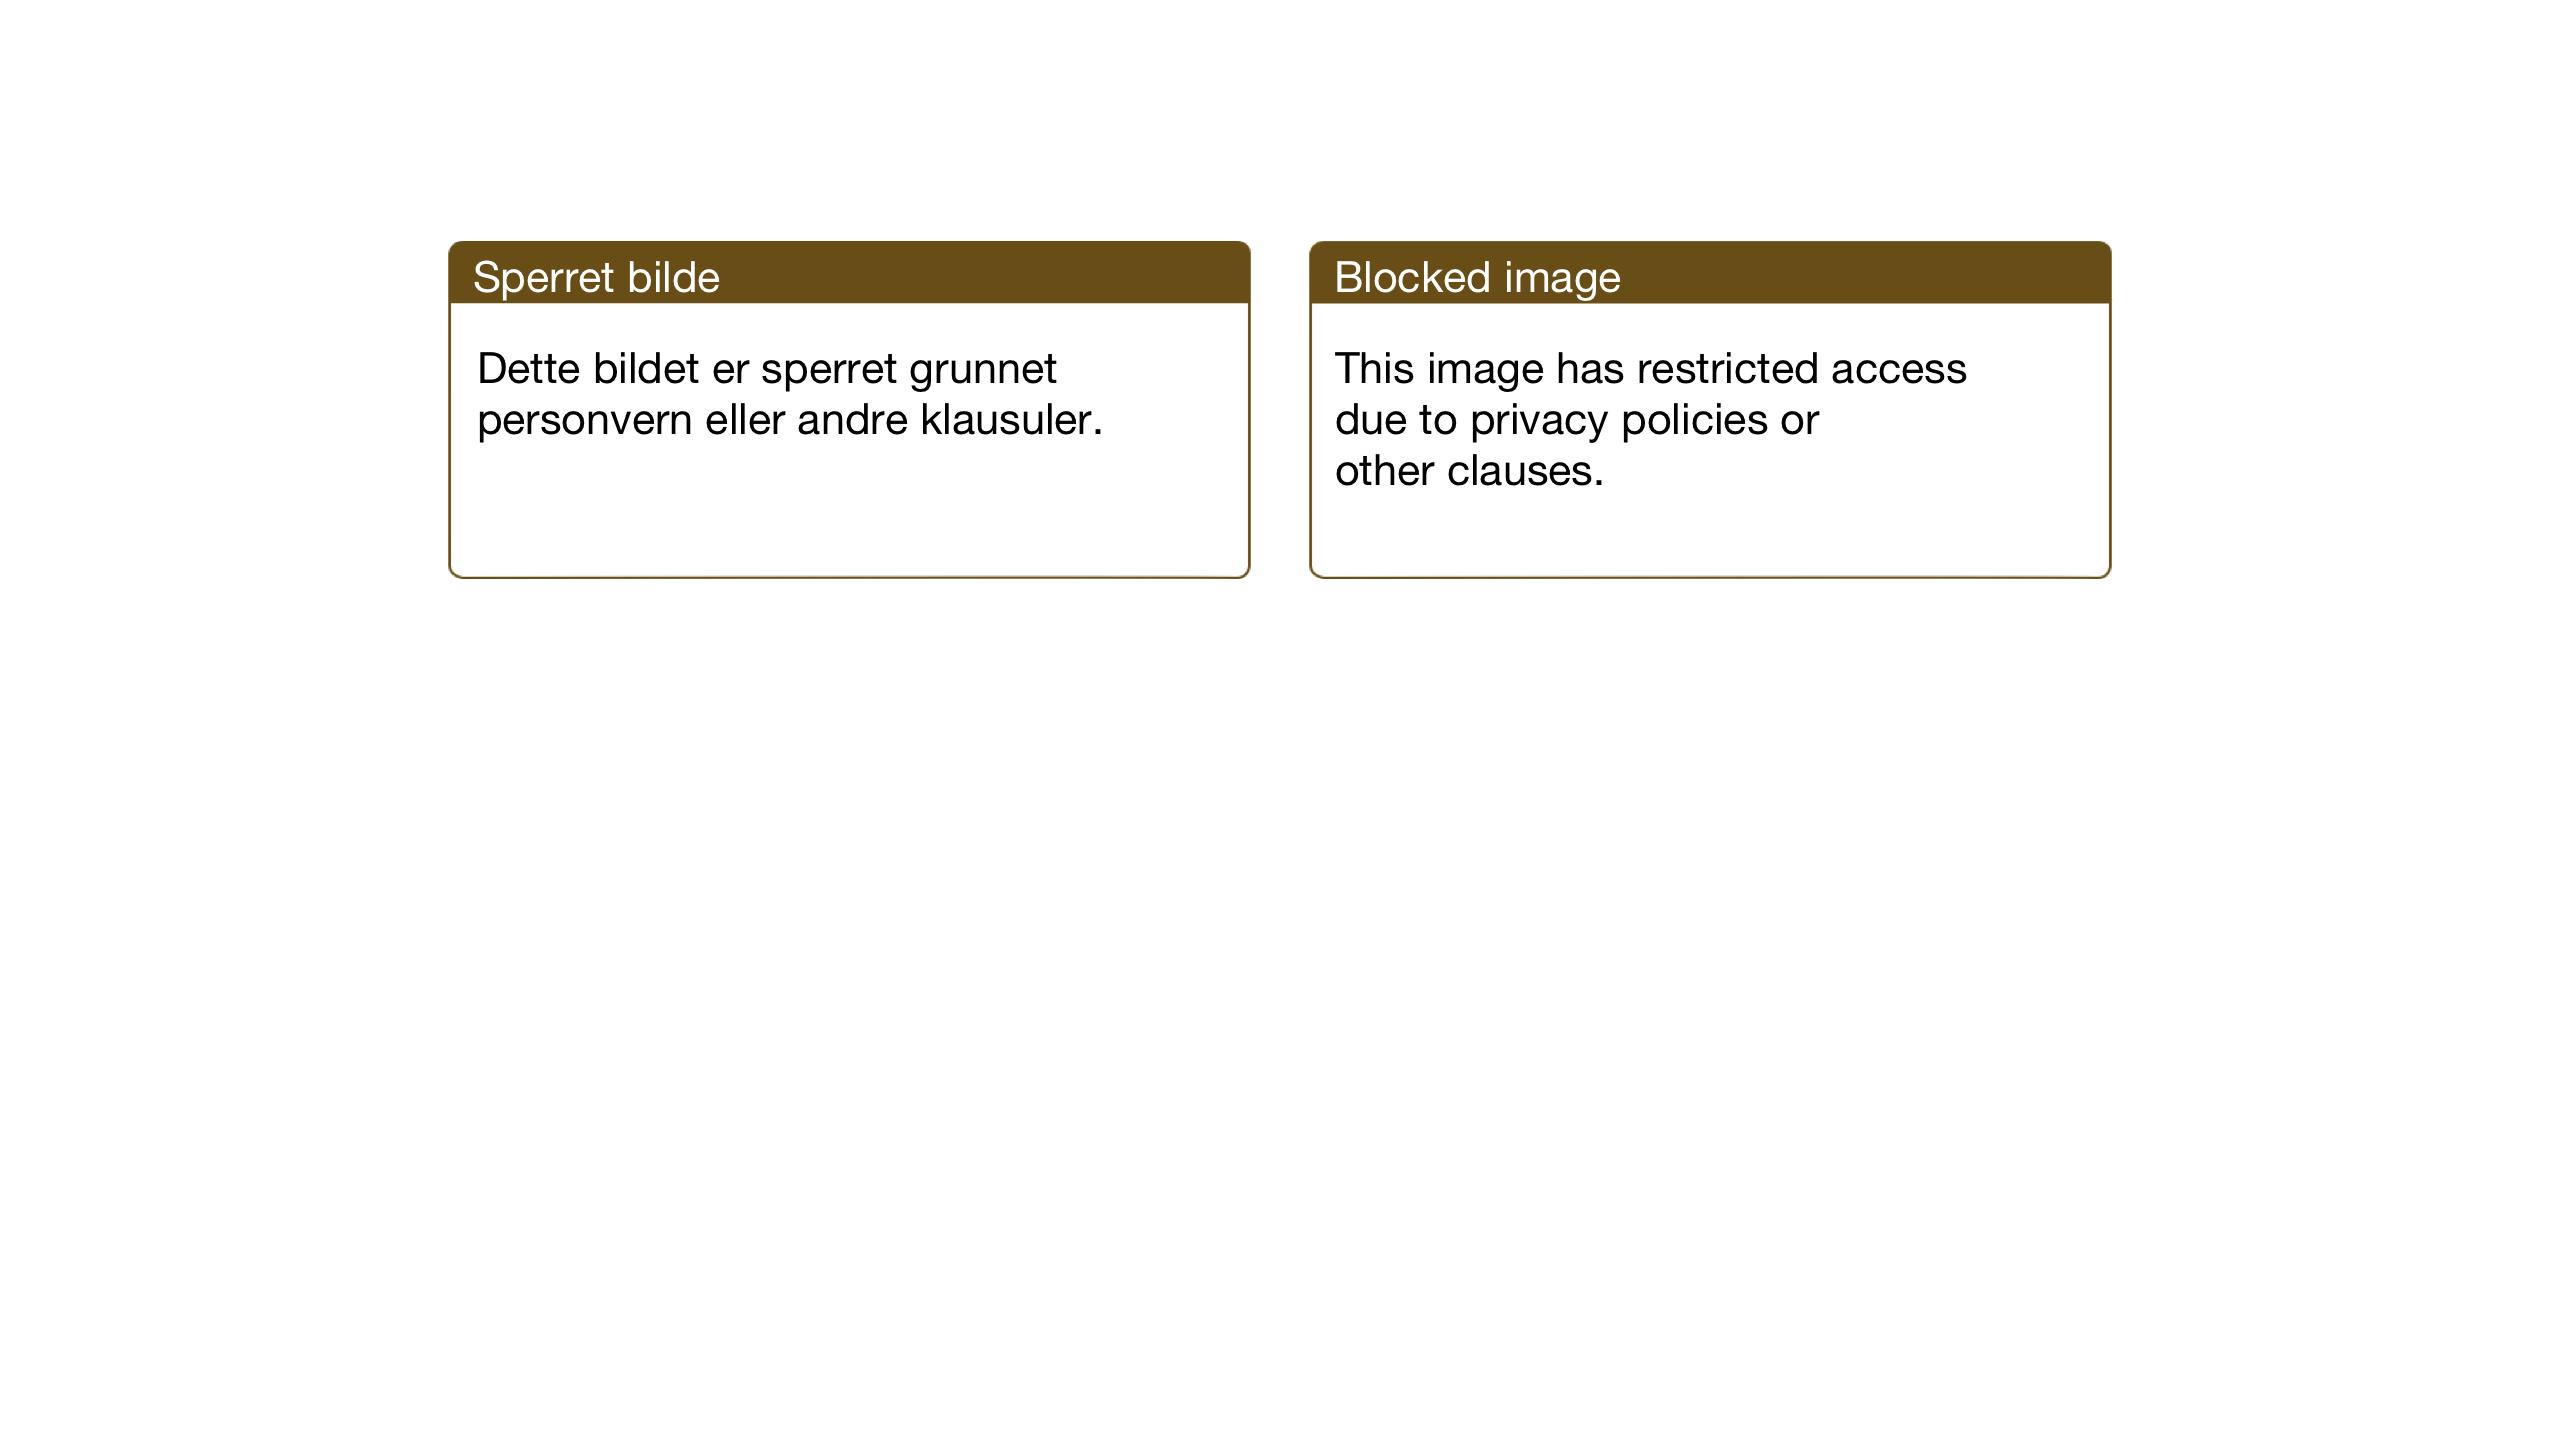 SAT, Ministerialprotokoller, klokkerbøker og fødselsregistre - Sør-Trøndelag, 681/L0943: Klokkerbok nr. 681C07, 1926-1954, s. 113